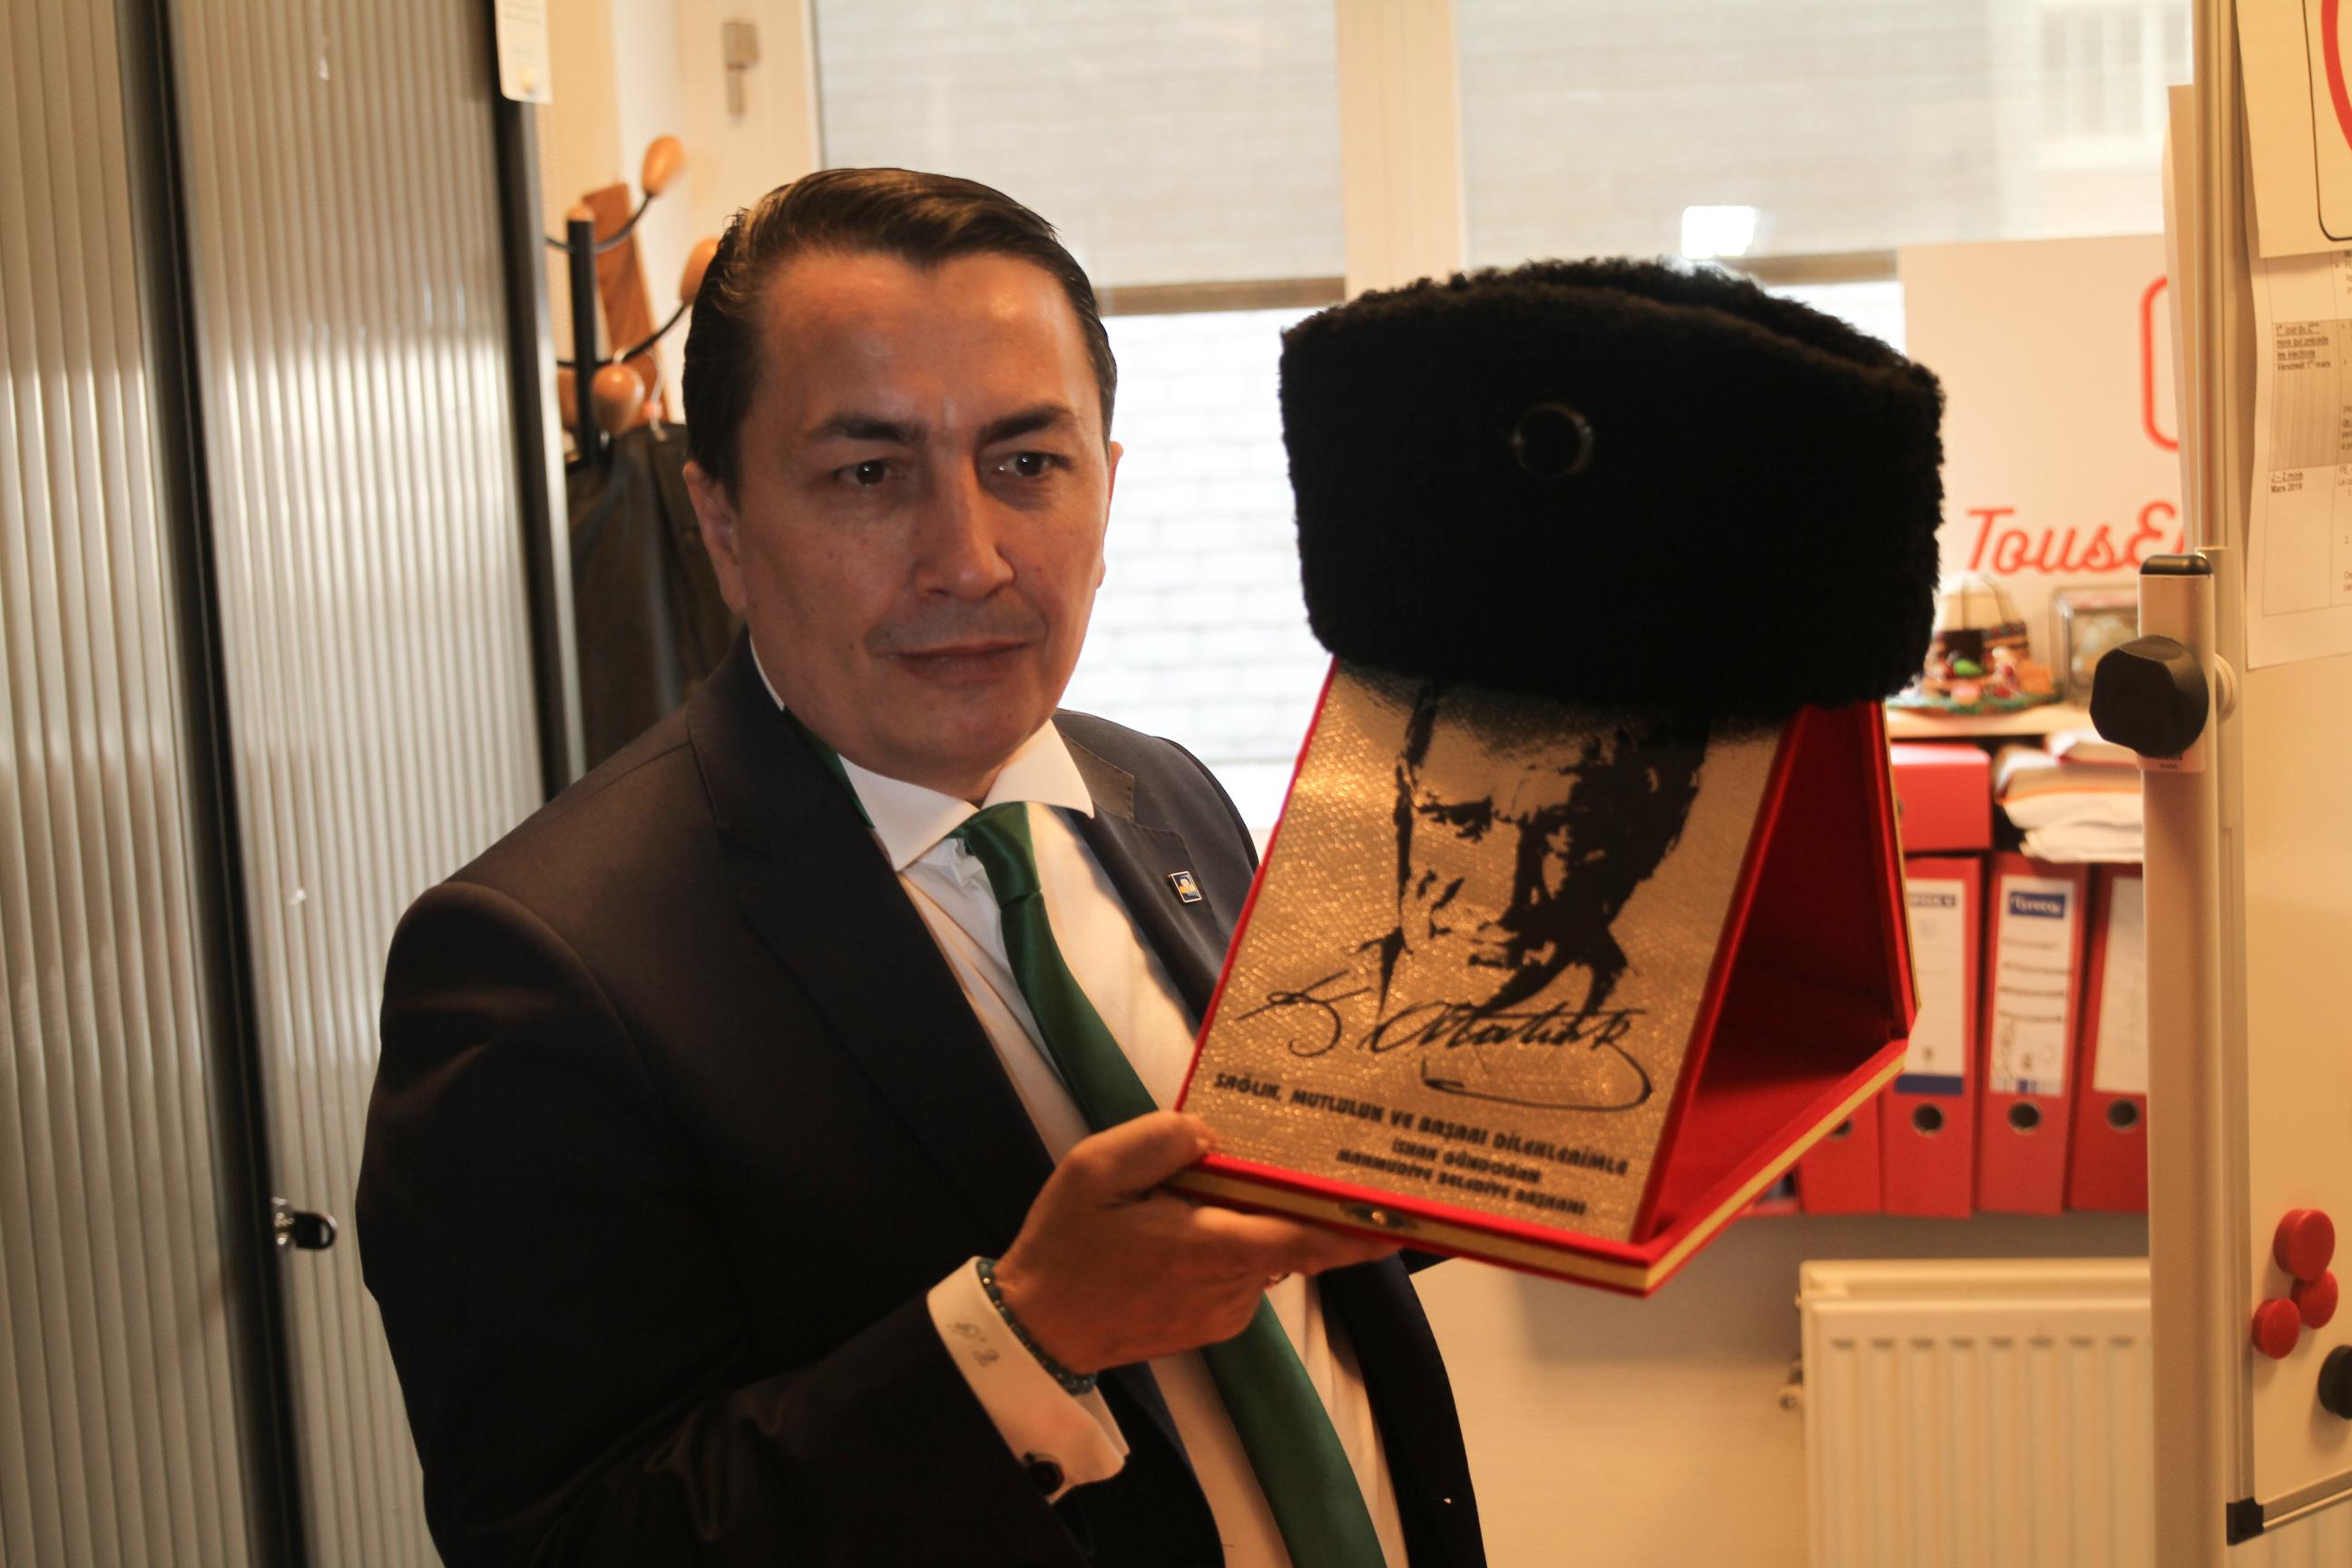 Özkara ofisini ziyaret edenlere Atatürk'ü ve Kurtuluş Savaşını anlatıyor. Osmanlı'dan alınan mirasın Türk toplumu tarafından sahip çıkıldığını vurguluyor.